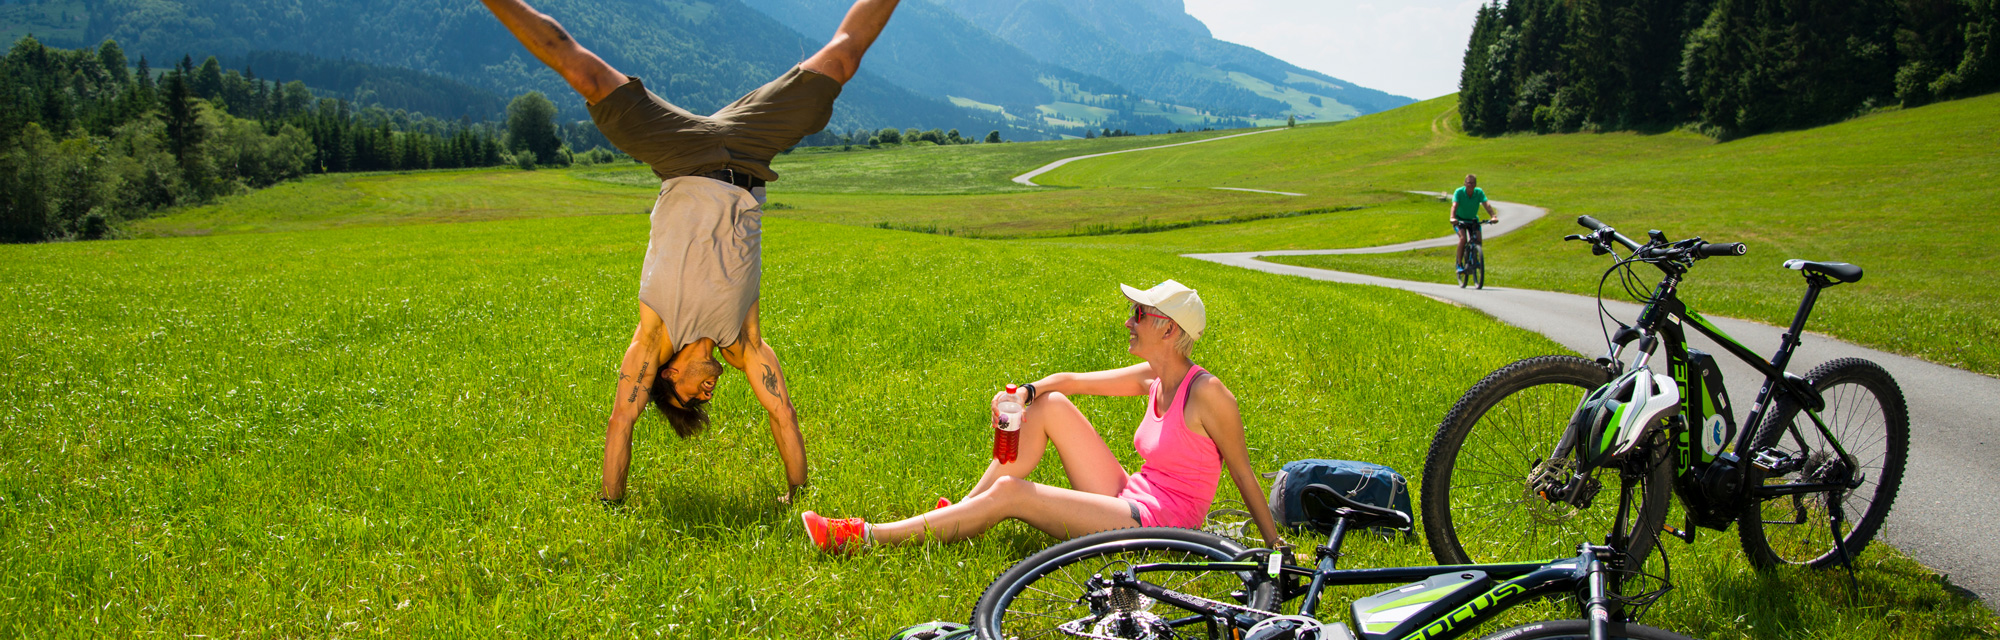 Rad- und Bikingurlaub Kaiserwinkl